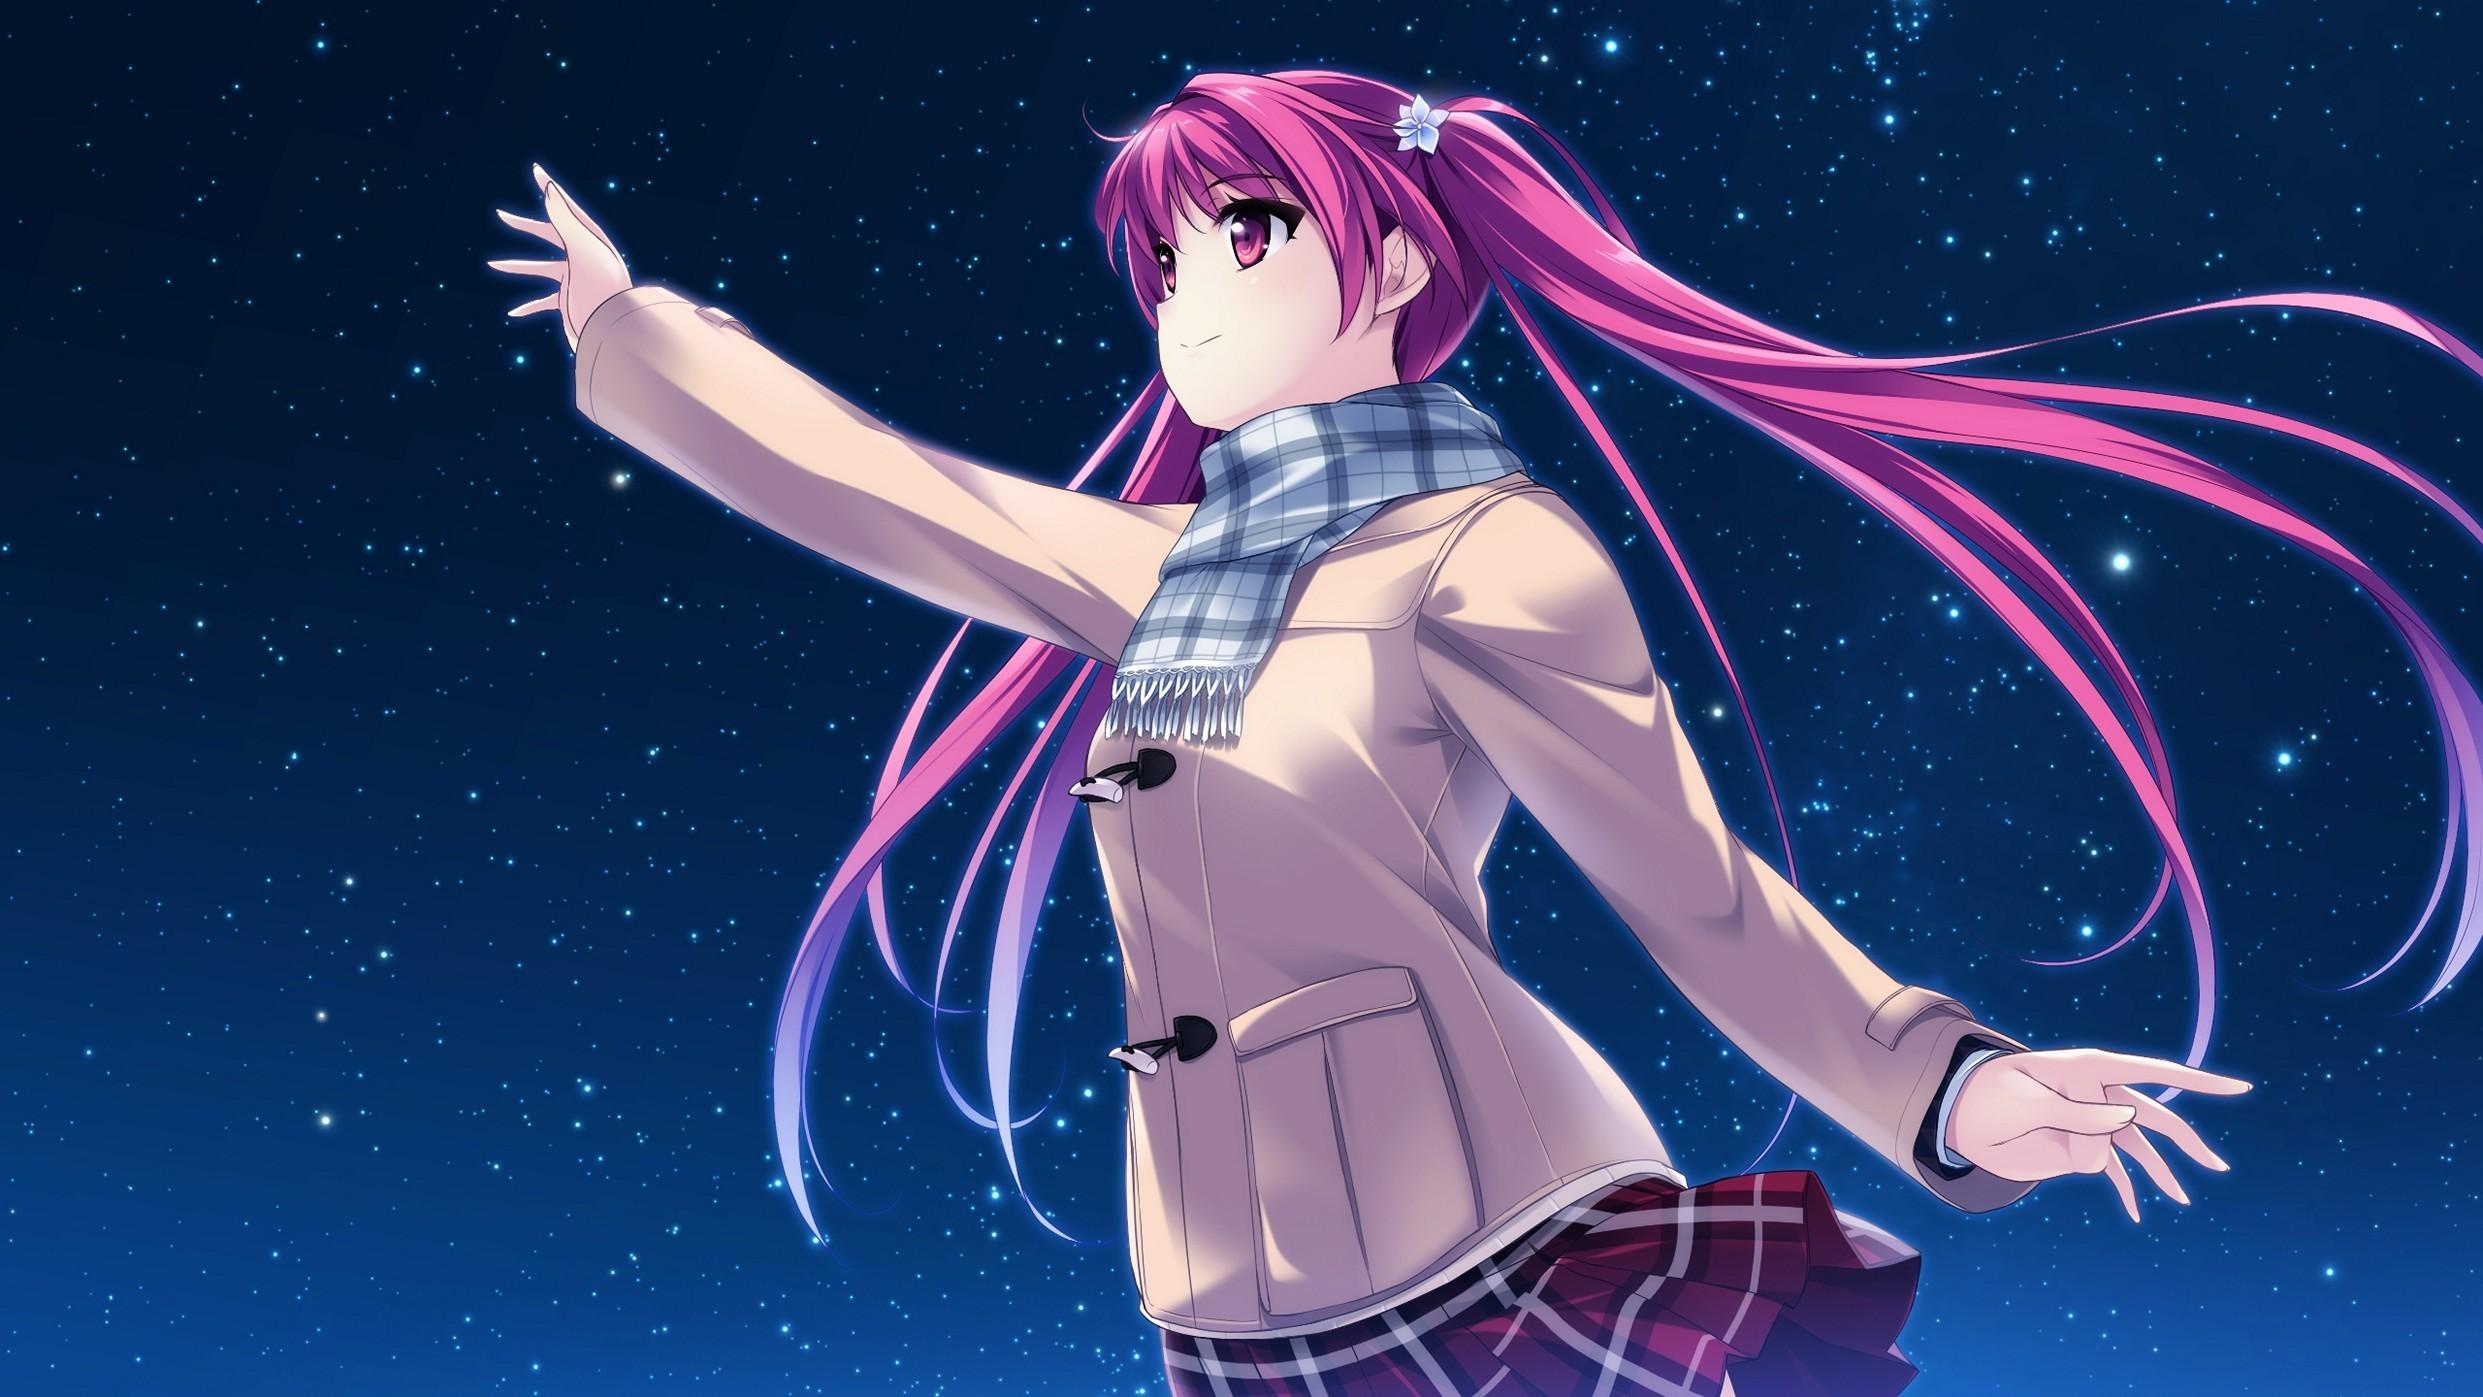 Yashima Takahiro Girl Sky Perfect Anime Wallpaper Phone